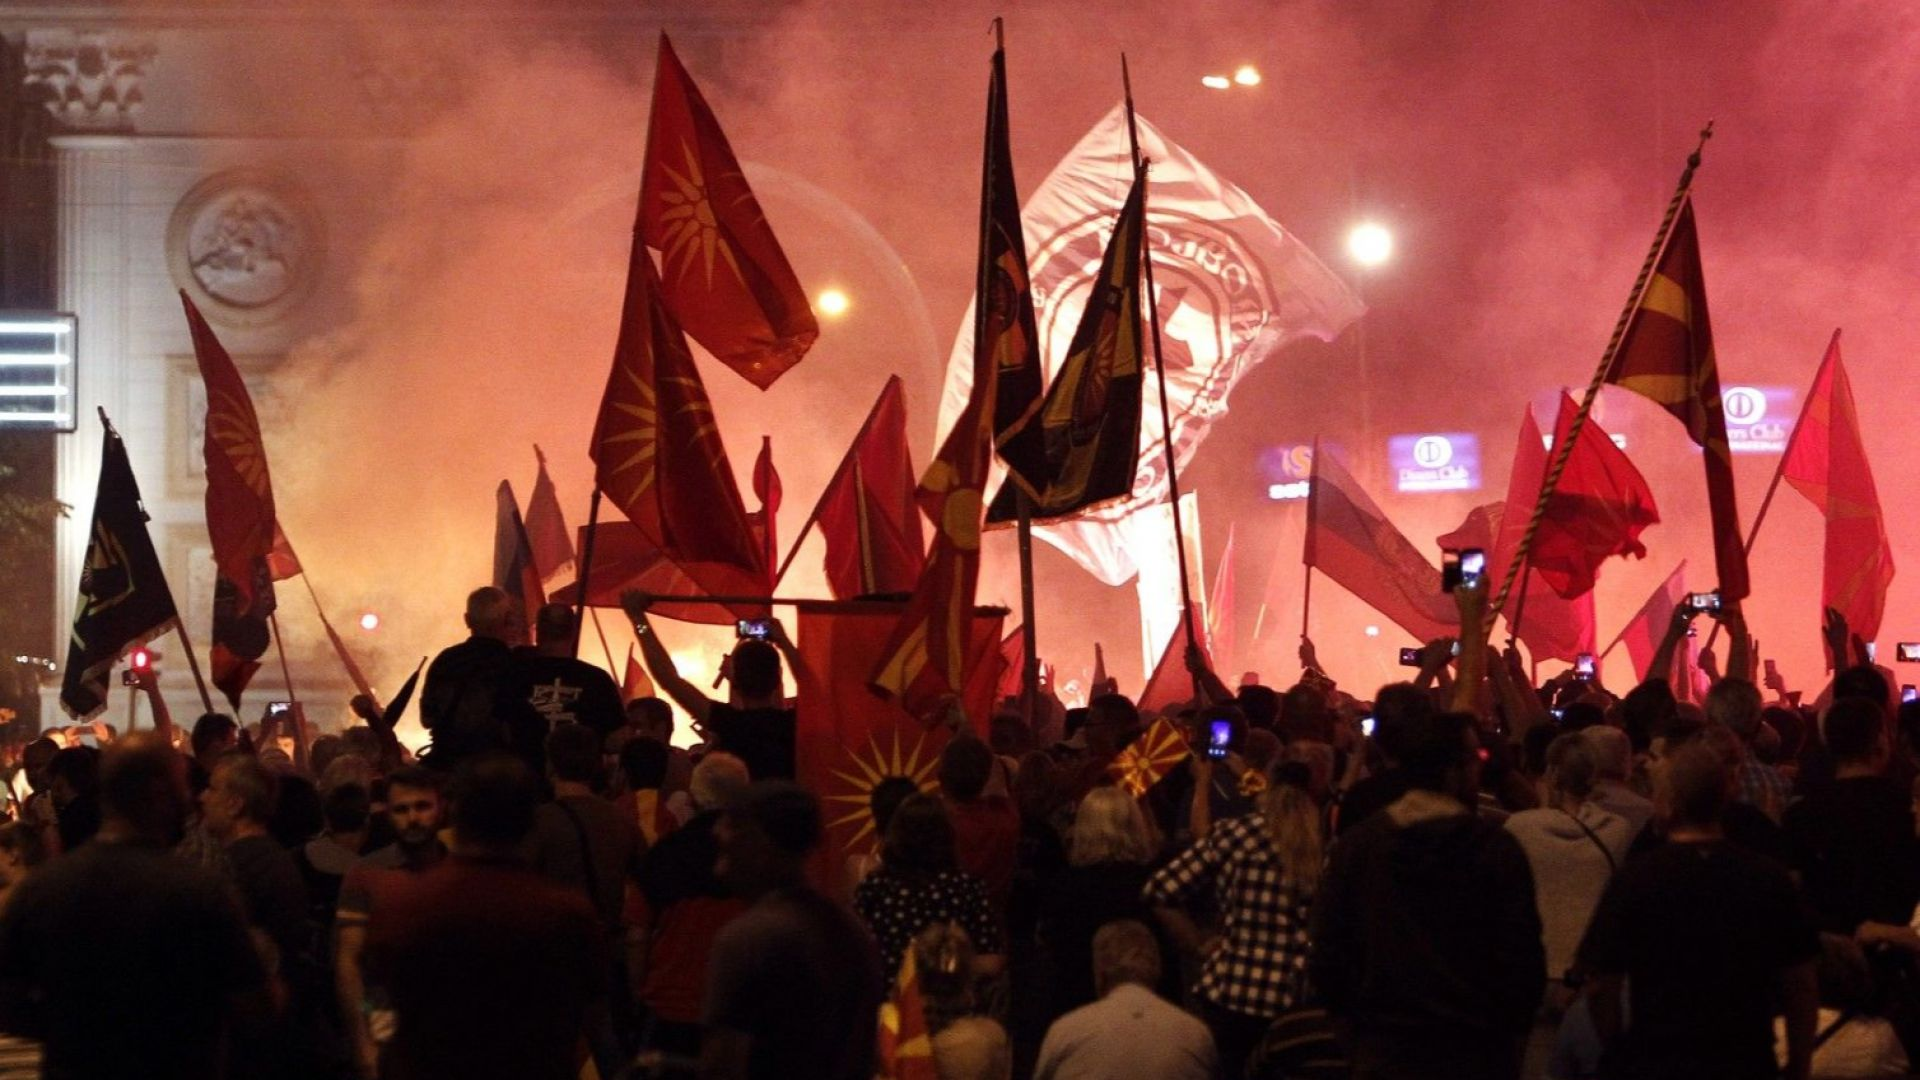 Македония, няма да изоставим името си, скандираха протестиращите в Скопие